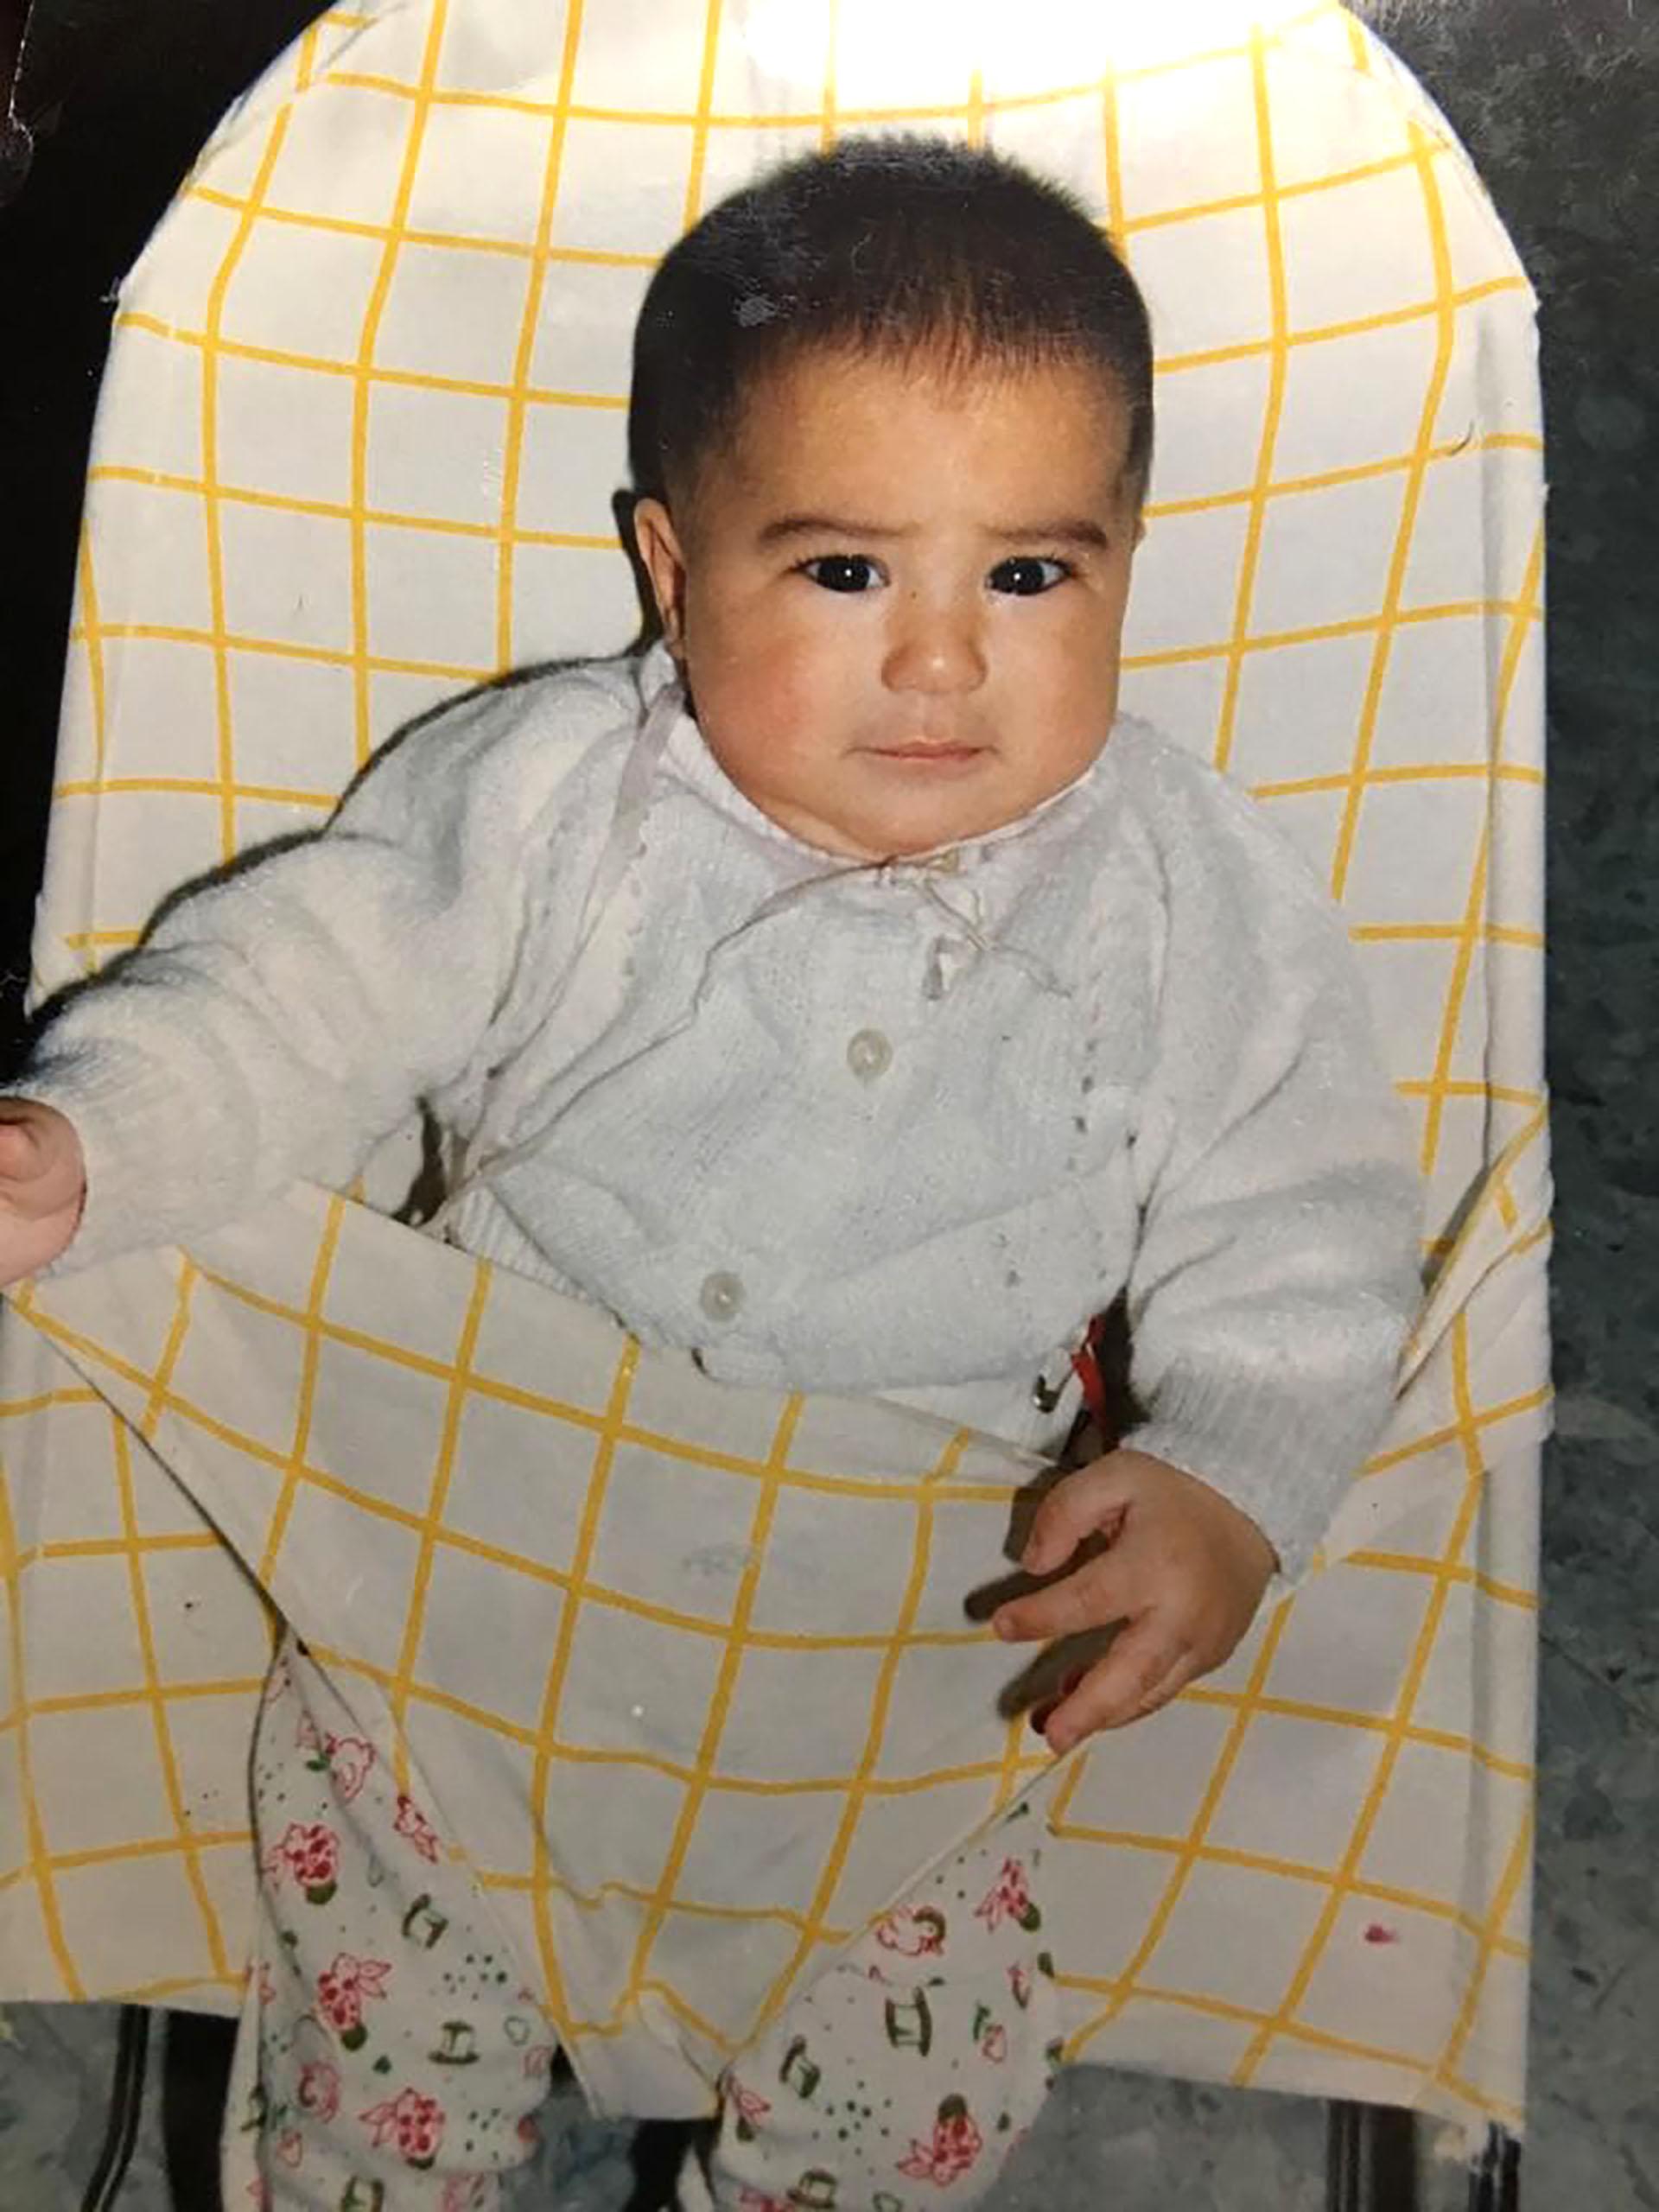 El bebé Guido Pizarro, justo antes de enamorarse del fútbol